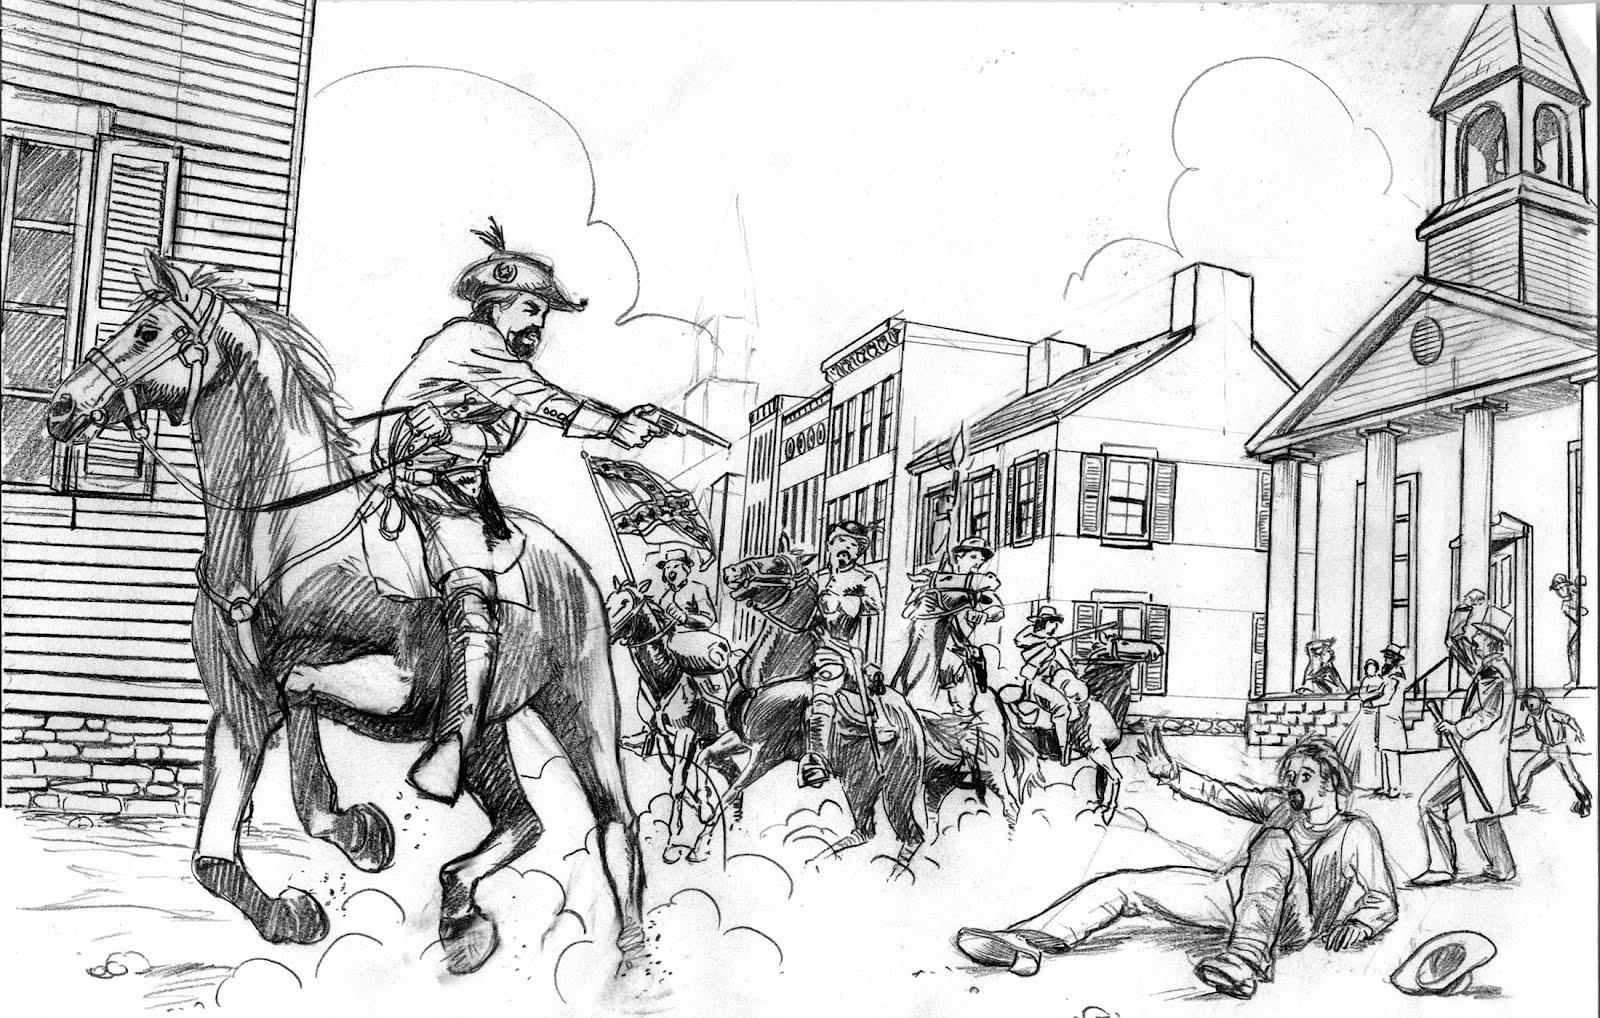 civil war project period scenes pencils